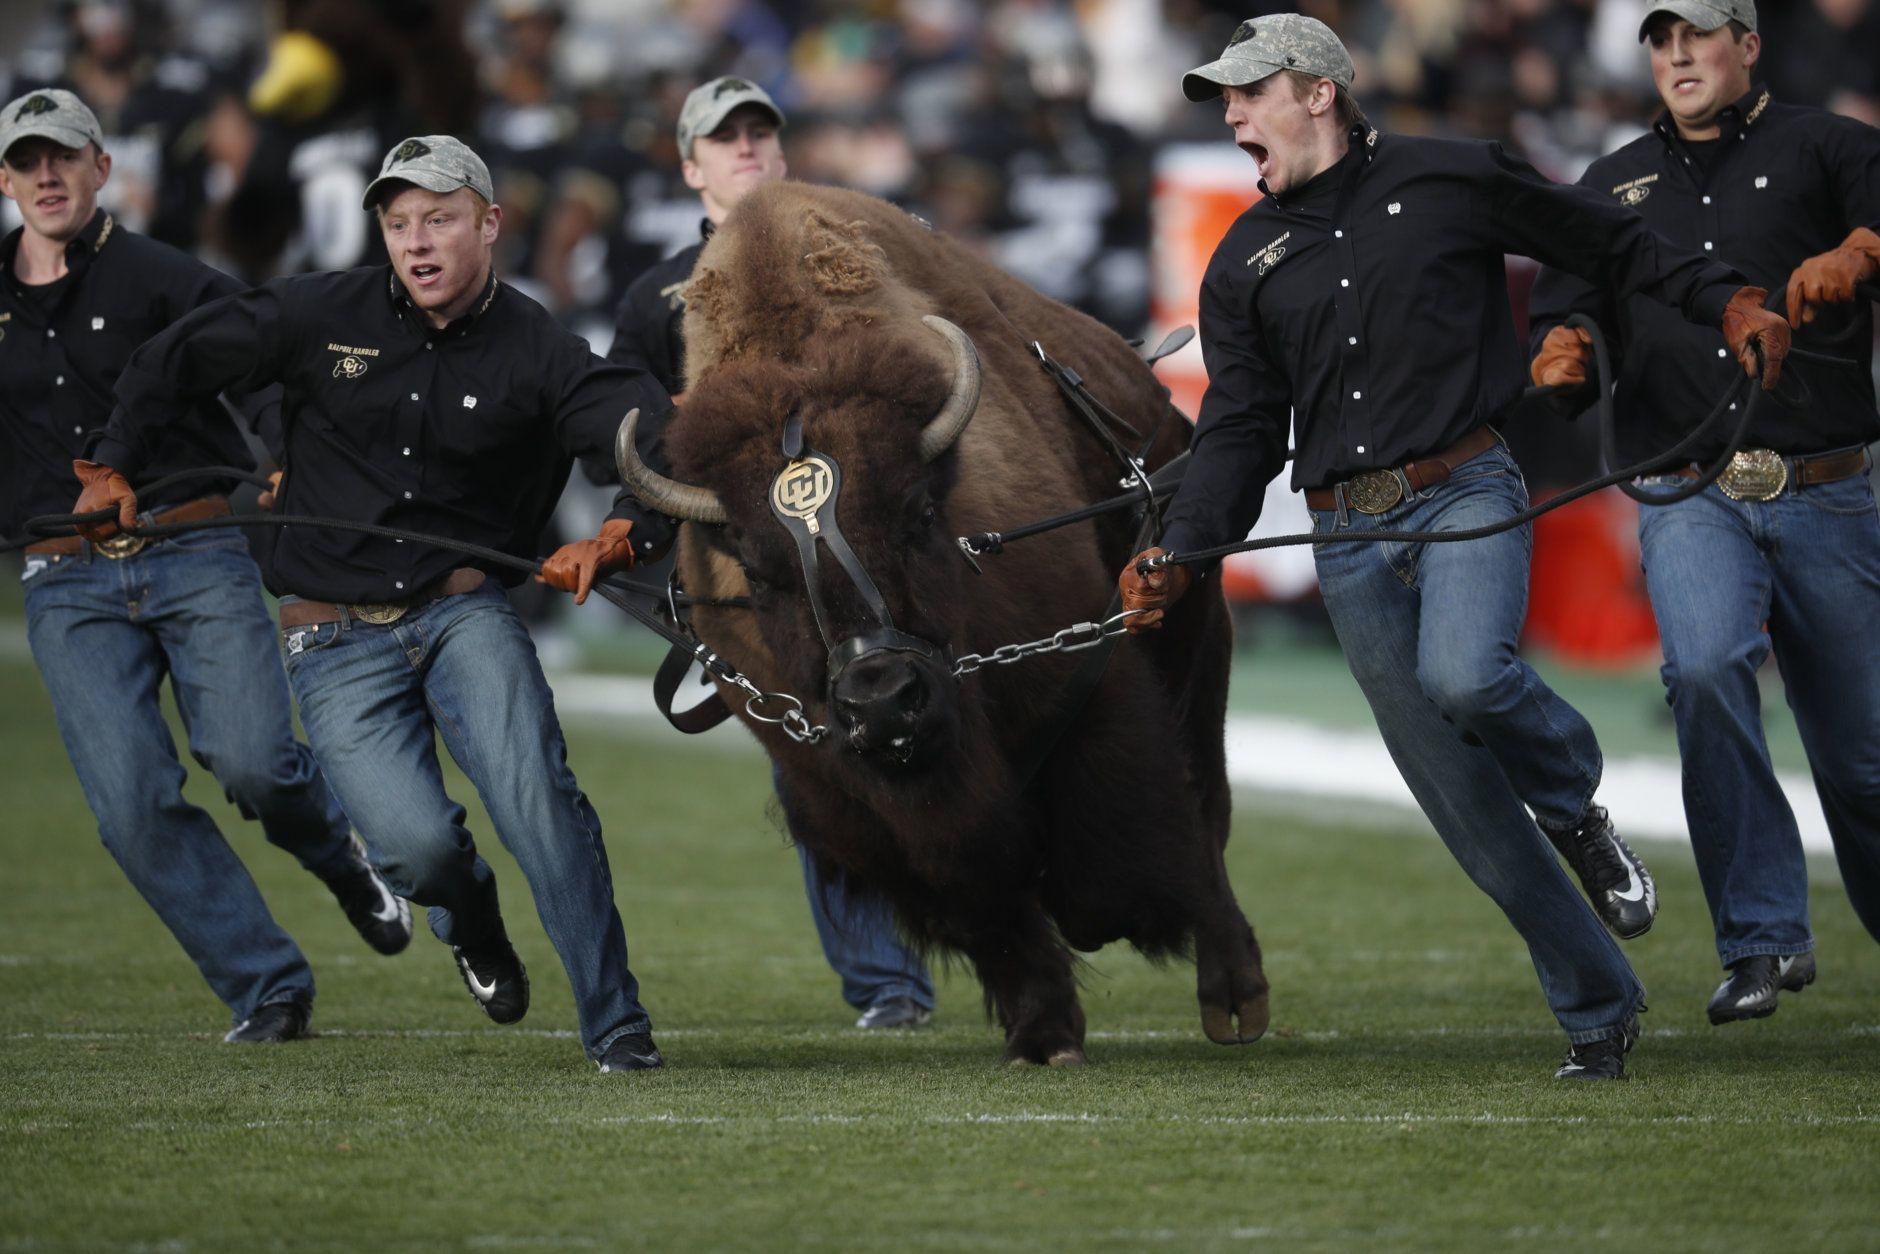 <p>6. Ralphie the buffalo, University of Colorado</p>